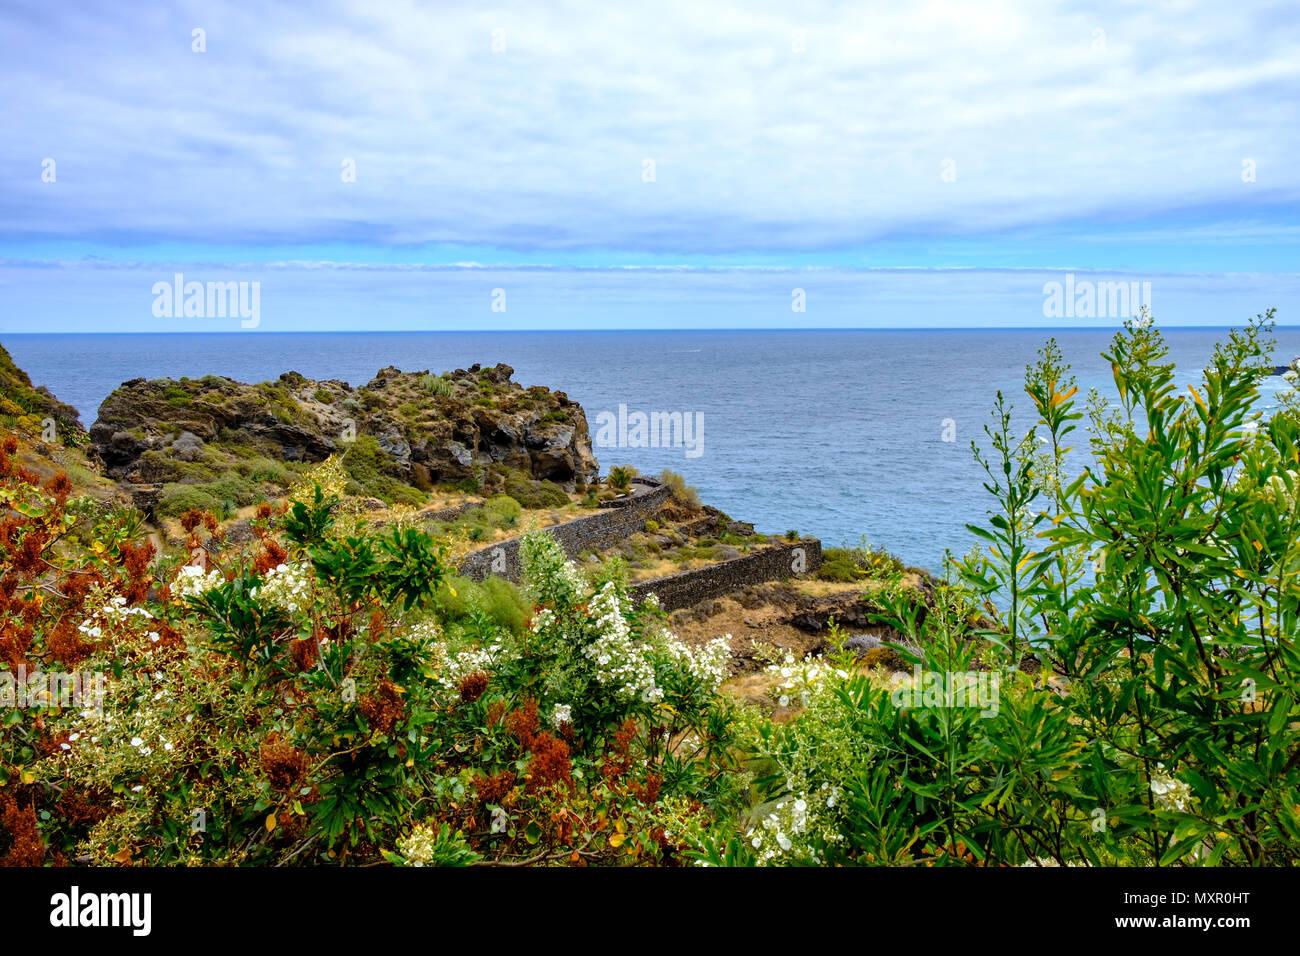 Dieser Strand ist aufgrund seiner einzigartigen Schönheit ein Muss für Freunde des Fotografierens. Ein besonderes Schauspiel bietet sich beim Anblick  - Stock Image